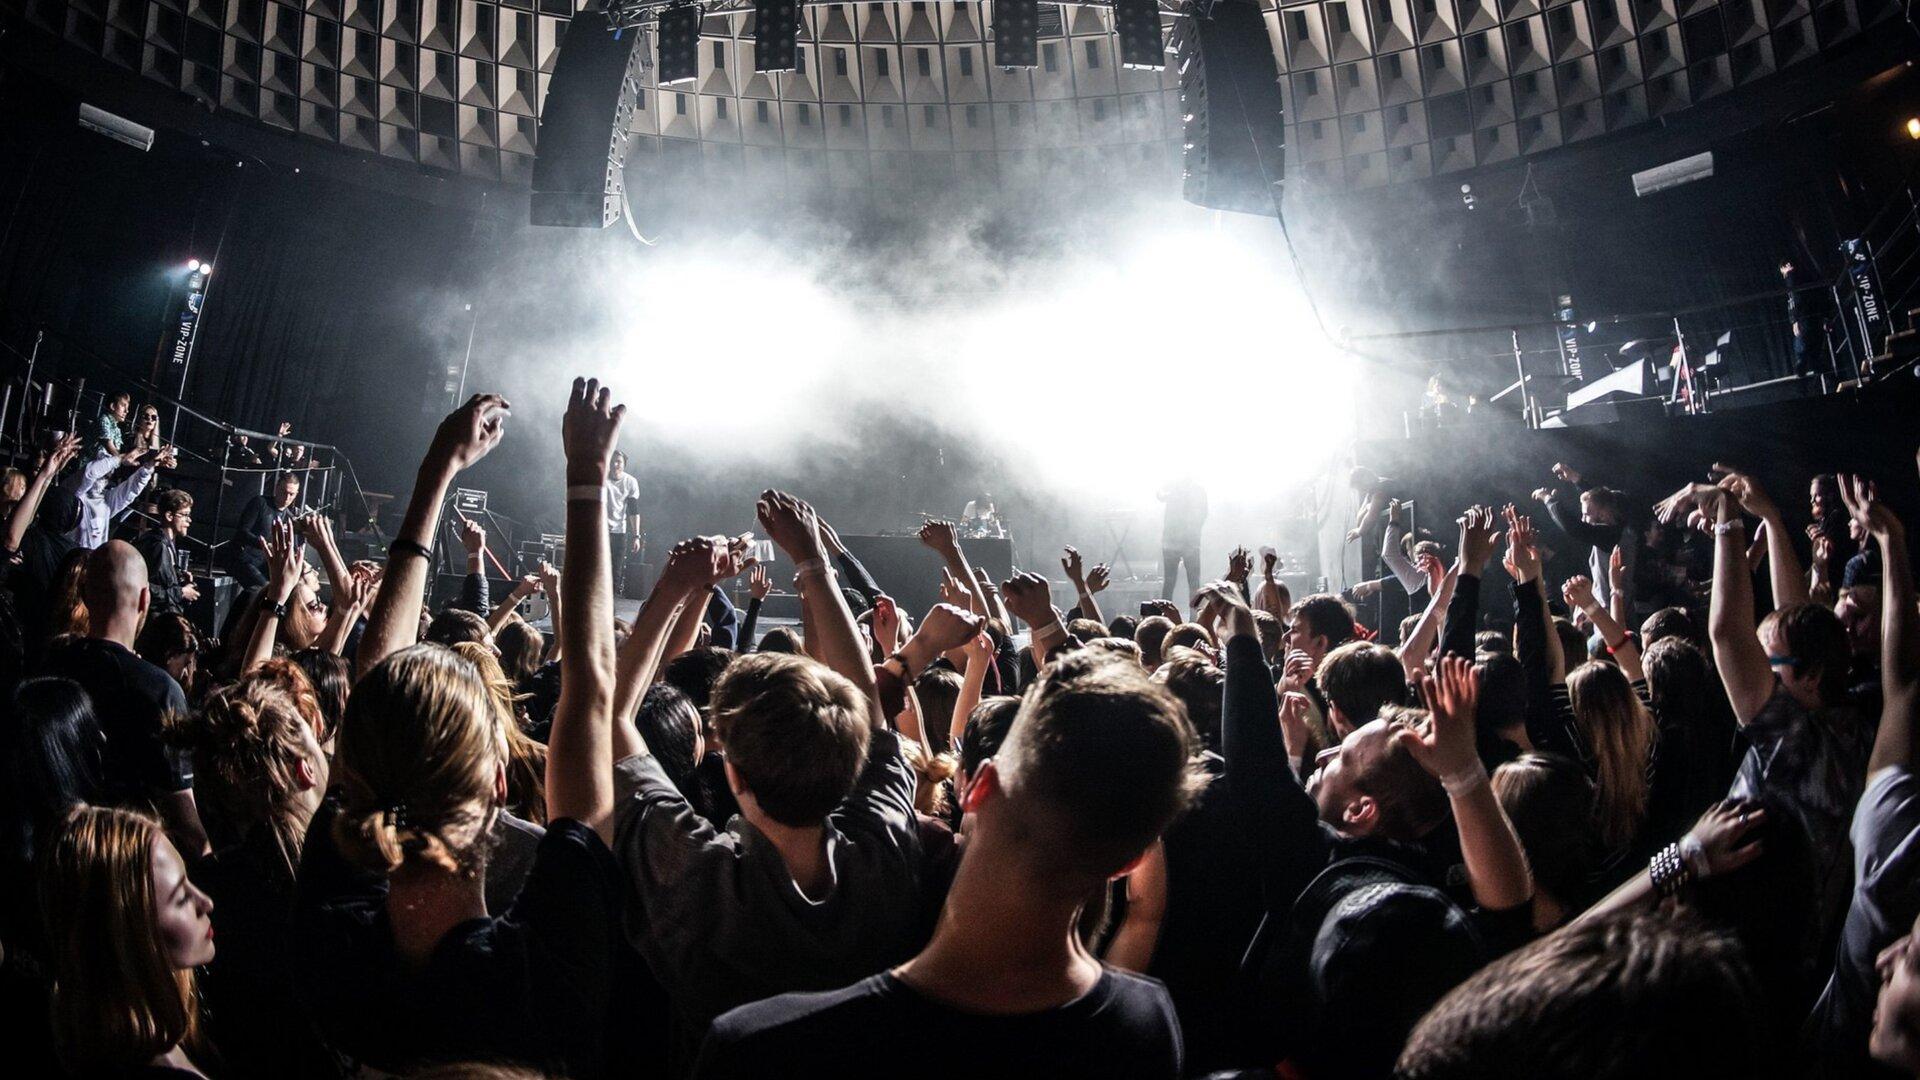 Na ekranie wyświetla się zdjęcie zkoncertu. Jest zrobione zperspektywy widza. Koncert jest wbudynku. Nie wiadomo, jaki zespół występuje. Wtłumie znajduje się głównie młodzi ludzie, którzy mają uniesione ręce, ana nich białe opaski. Na scenie unosi się sztuczna mgła, aprzez nią przebija się białe, silne światło. Sufit jest tak zaprojektowany, aby dźwięk roznosił się po całej sali. Służą do tego specjalne wyżłobienia oraz duże głośniki, które są lekko wygięte wkształcie łuku.